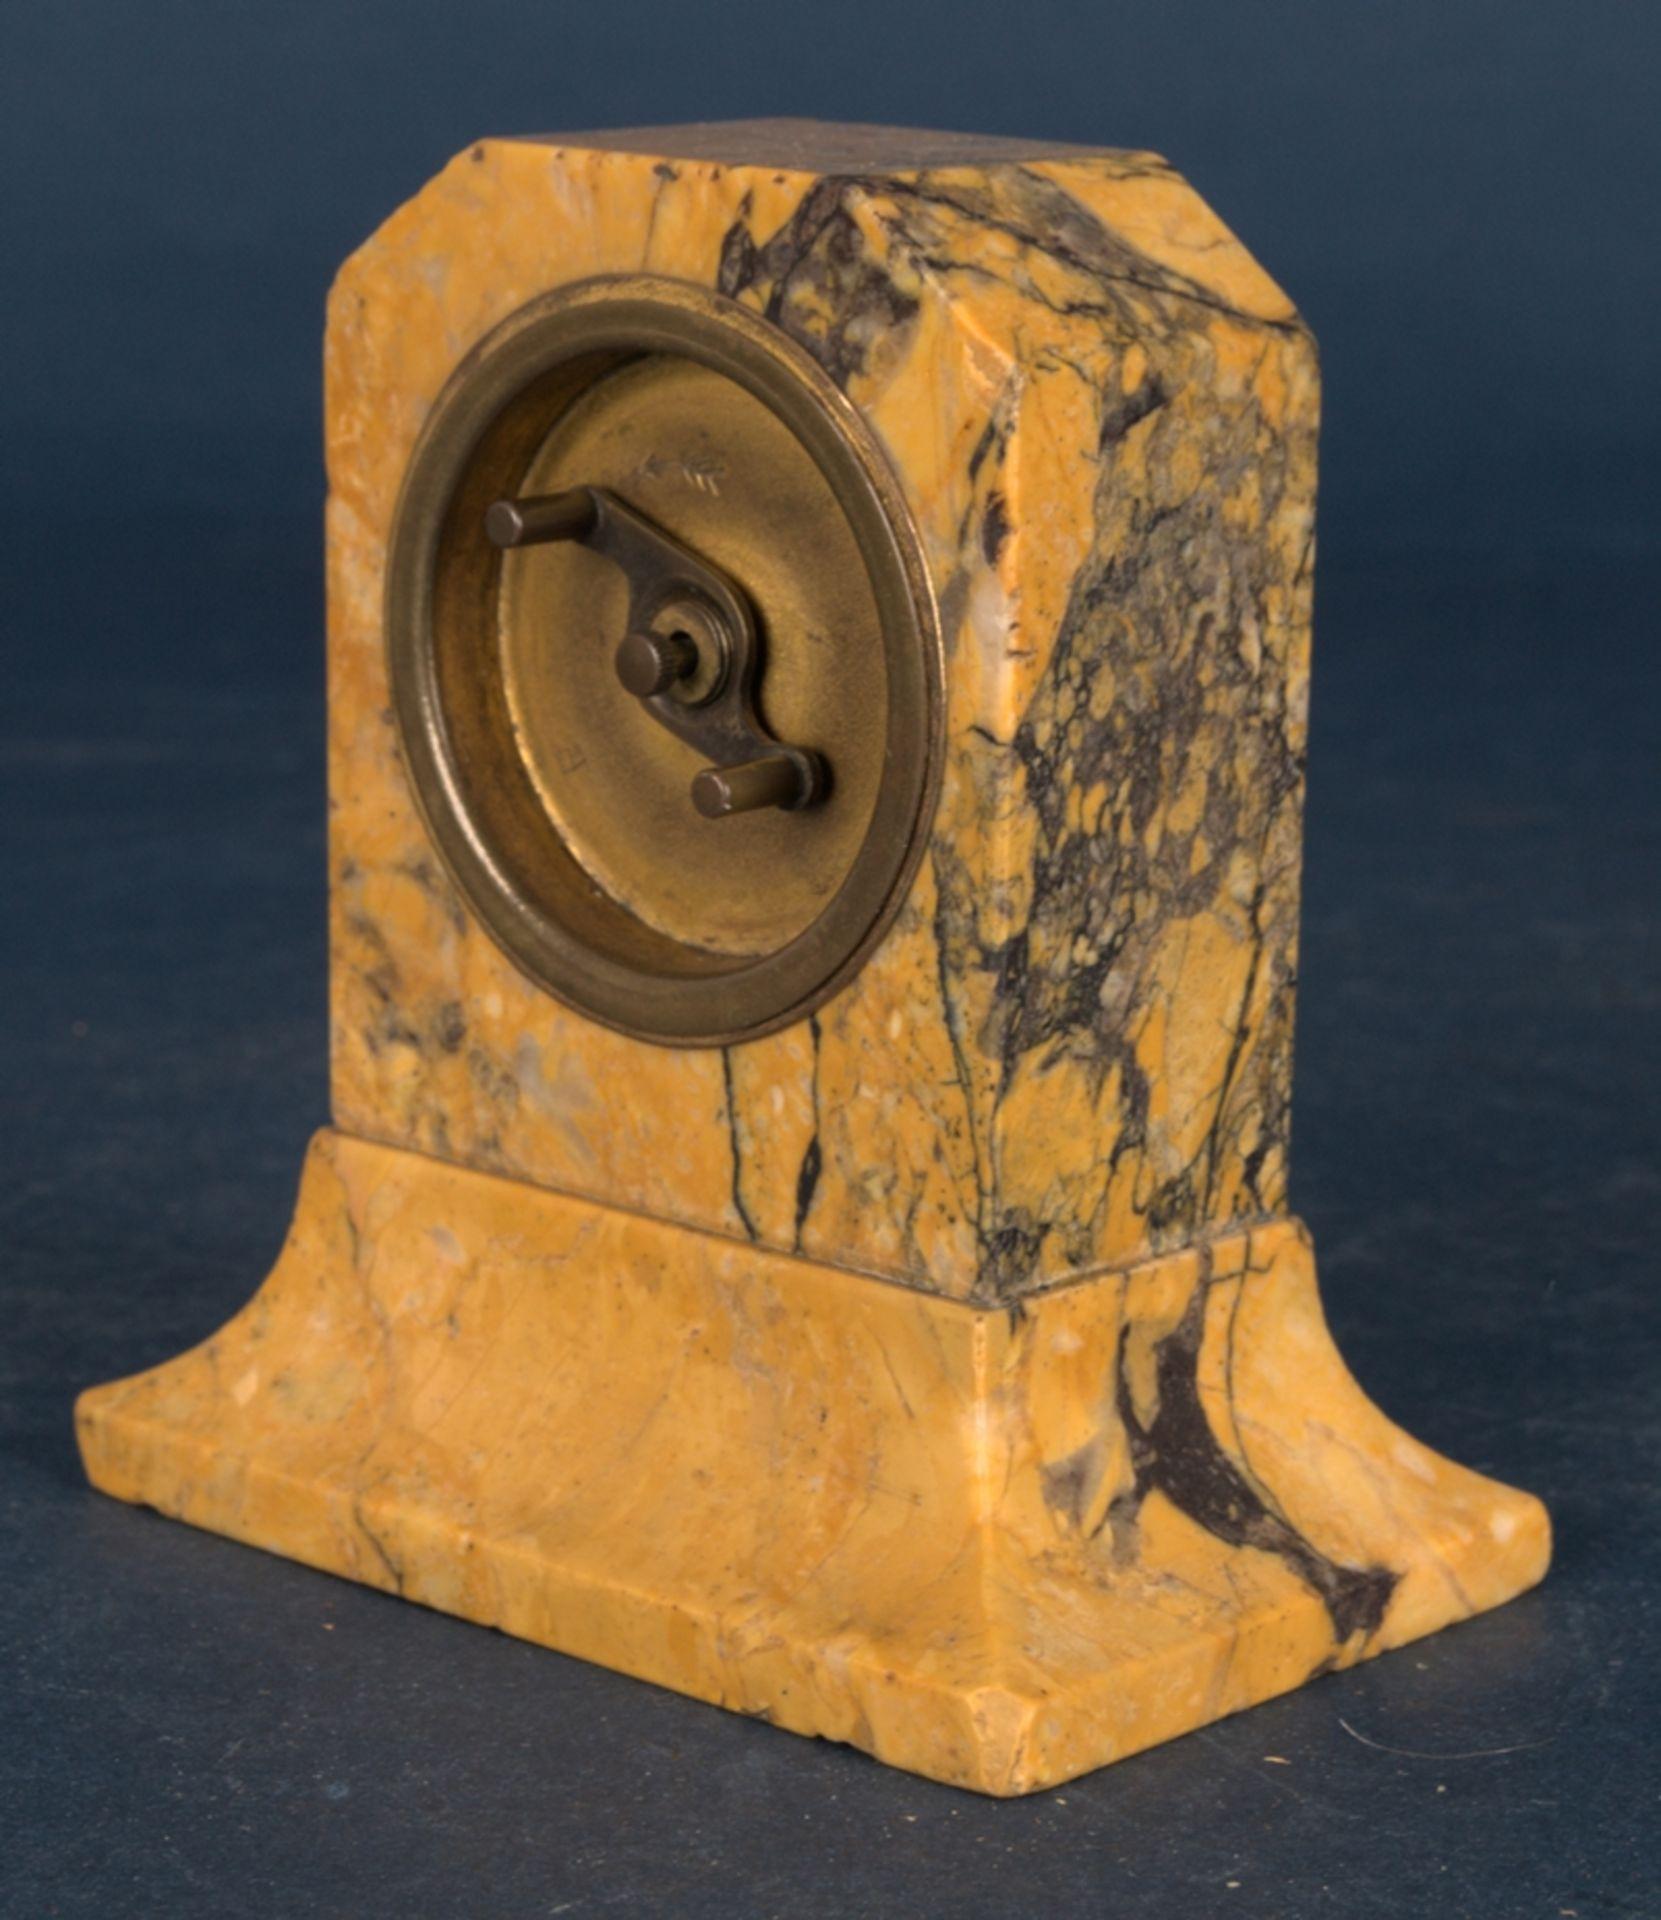 Kleine Tischuhr mit 8 Tagewerk in gelblich-braunem Granit- oder Marmorgehäuse. Höhe ca. 9 cm. Um - Bild 4 aus 8